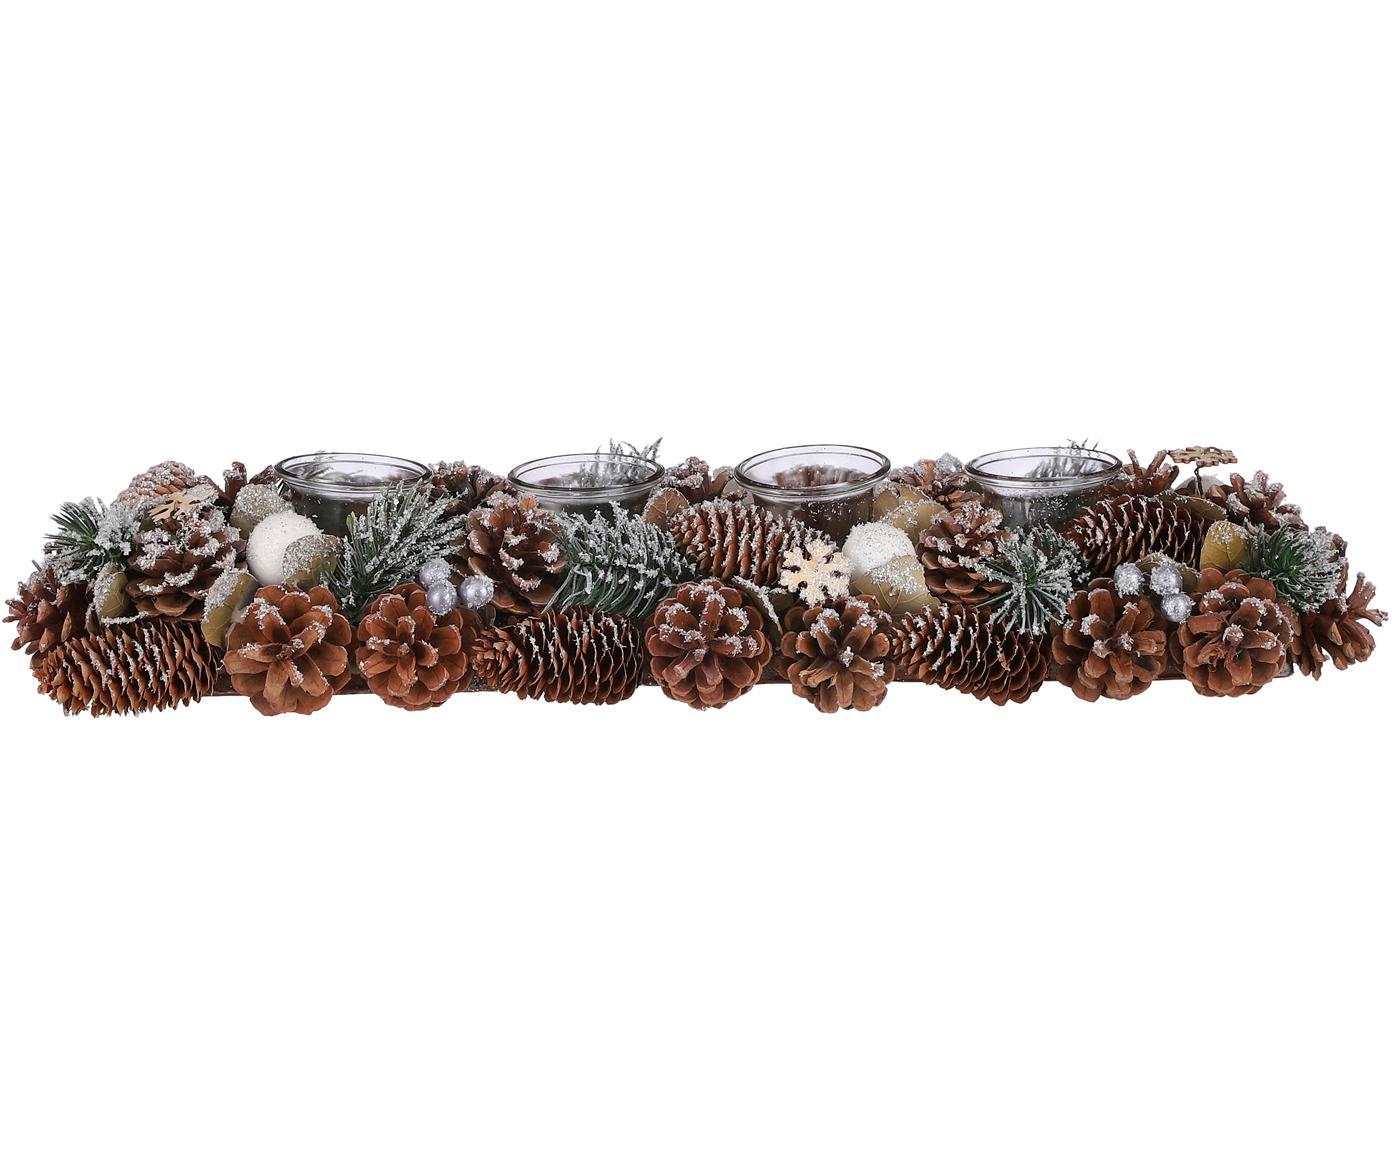 Adventskranz Nicola, Naturfaser, Braun, Weiss, Grün, 55 x 9 cm